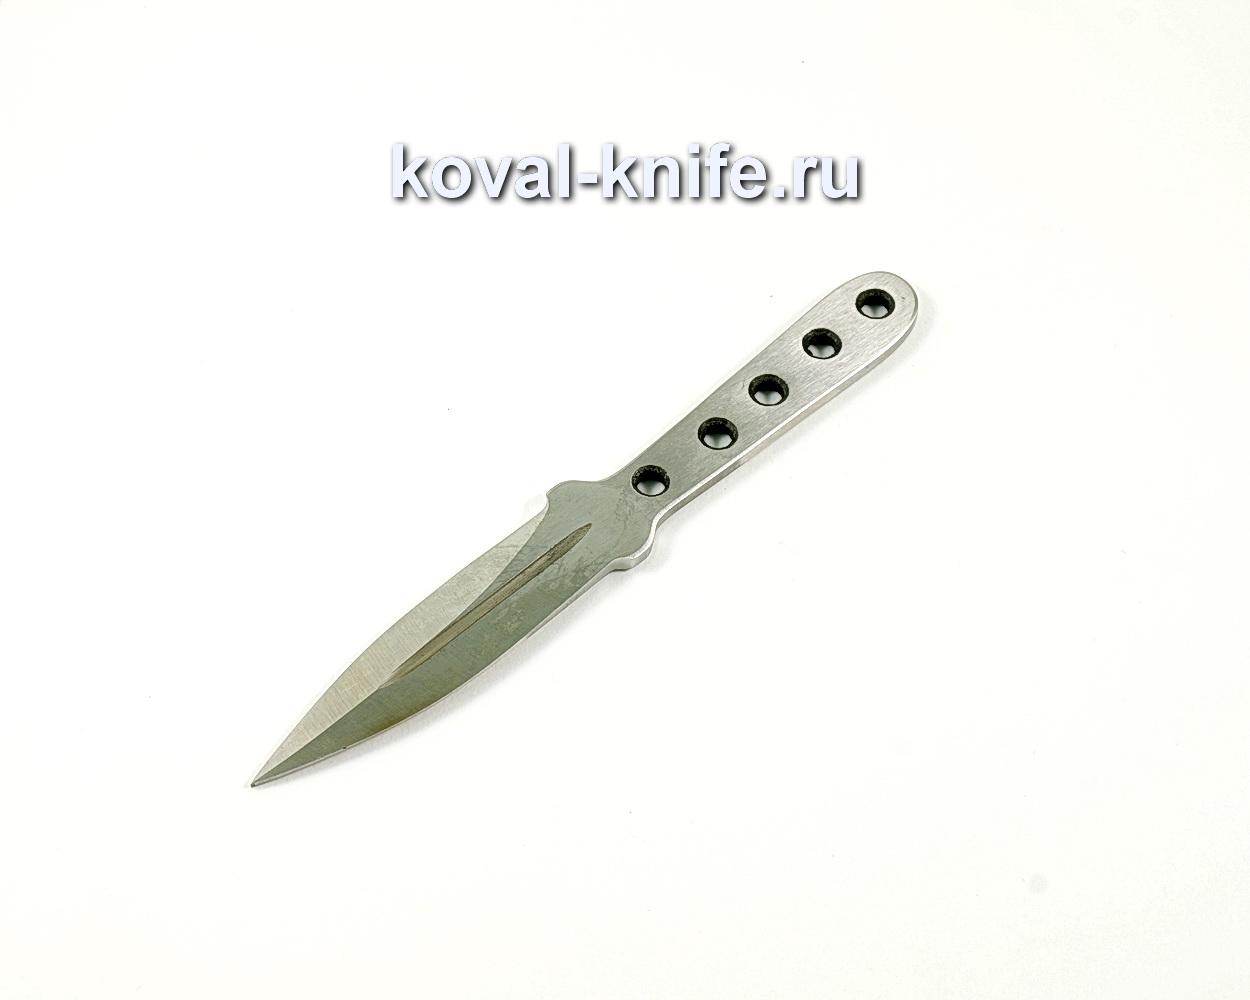 Метательный нож «Неукрытый» (сталь 65Г рессорная) A188